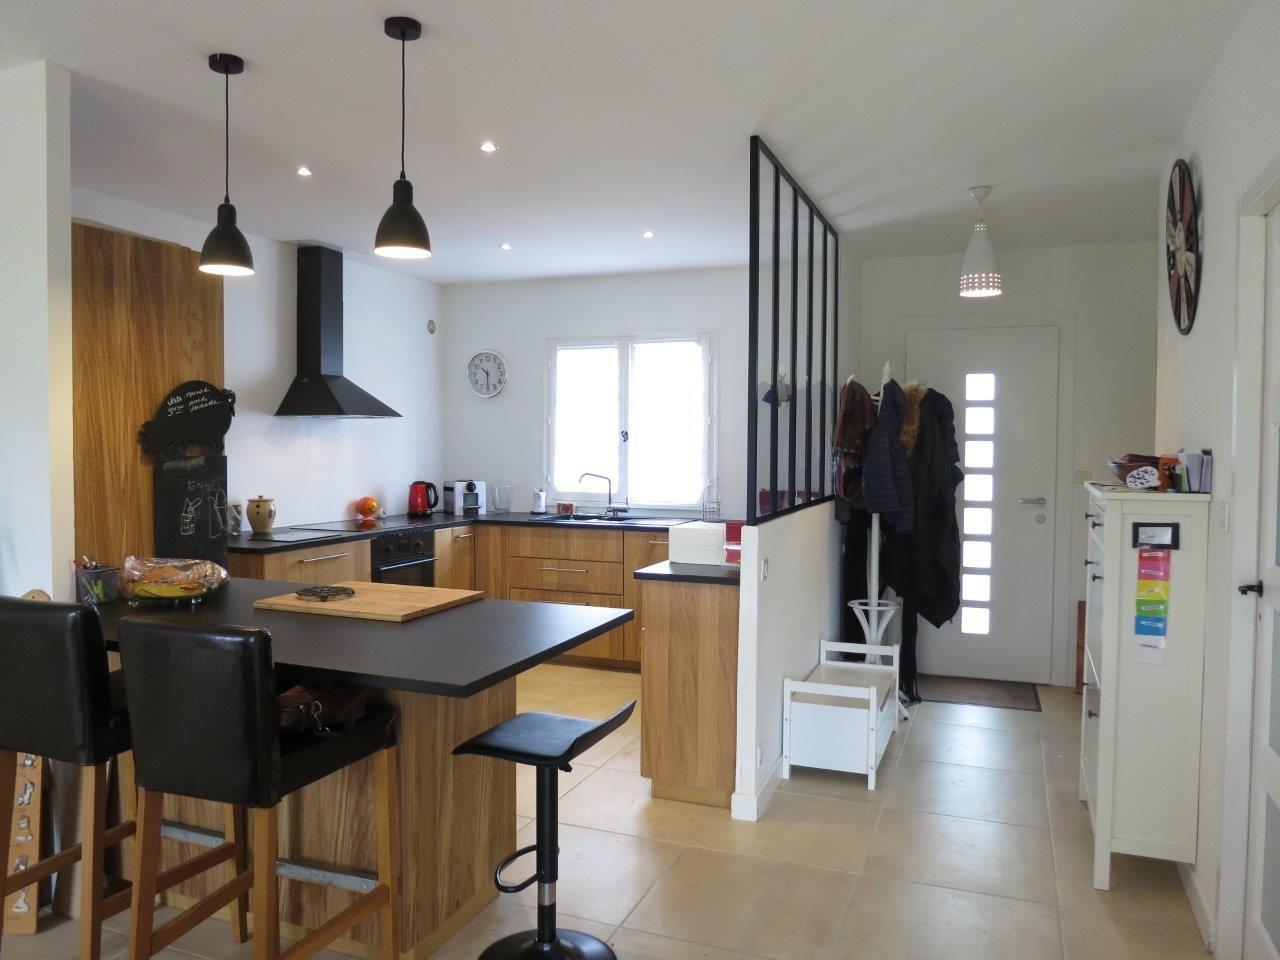 Renovation Partielle Maison Annees 80 Merignac Home Et Vous Idee Deco Cuisine Ouverte Idee Deco Cuisine Idee Entree Maison